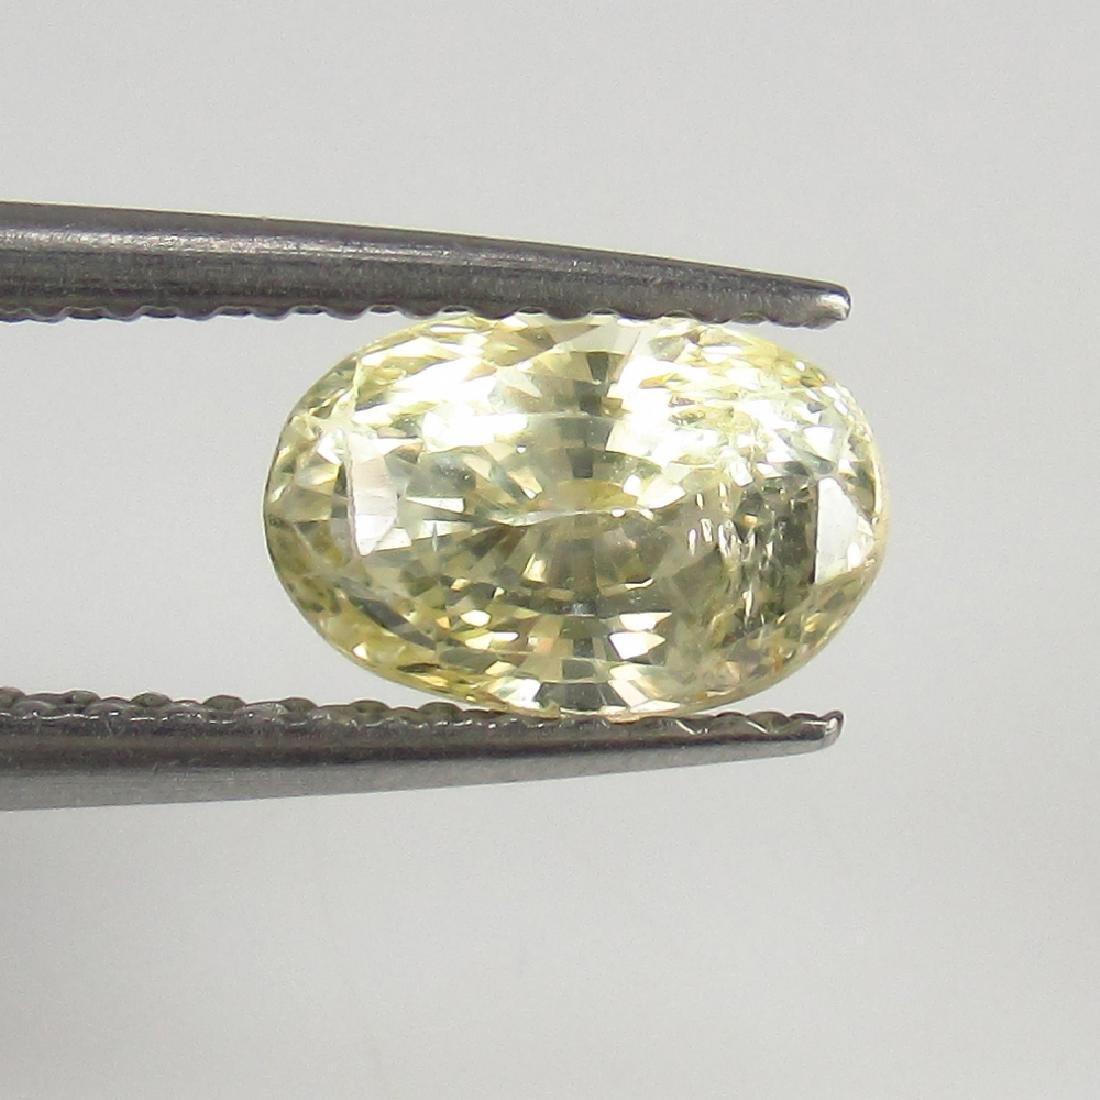 1.28 Ct Genuine IGI Certified Sri Lanka Yellow Sapphire - 4